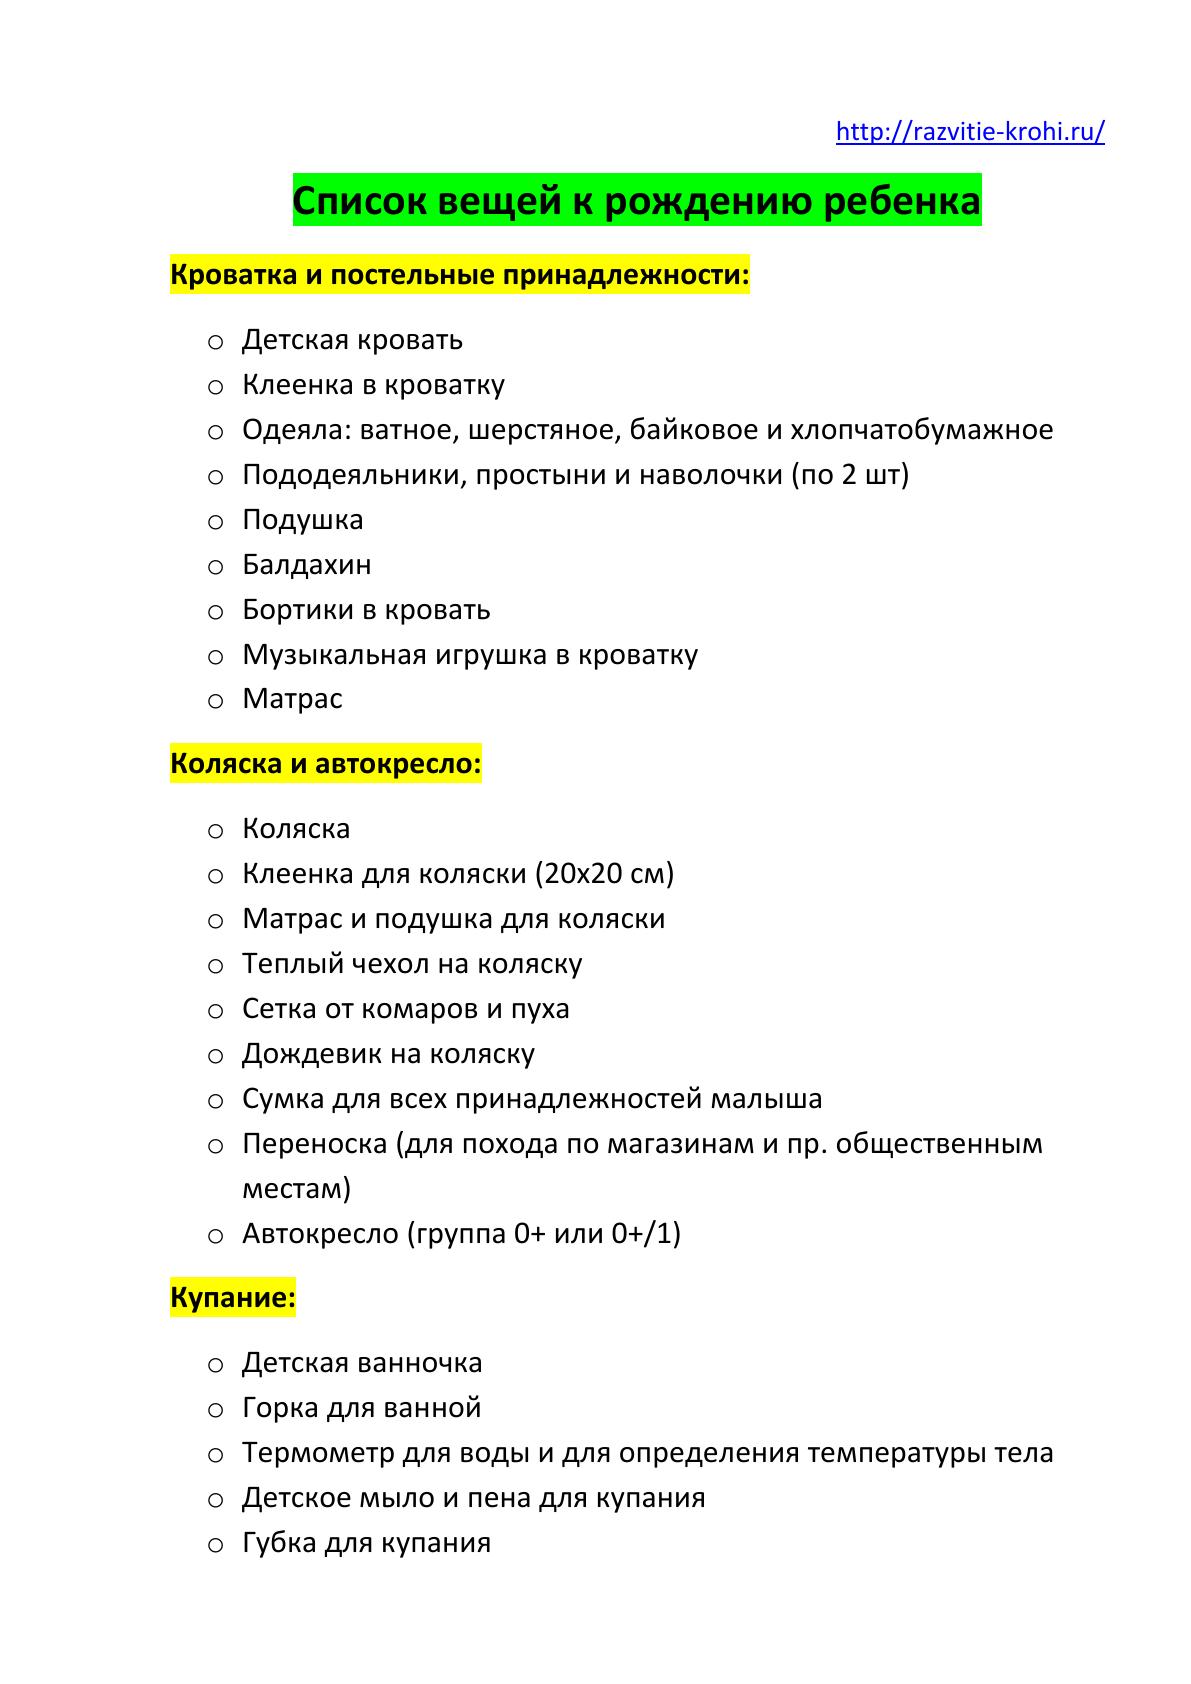 7aaf45736dd4 список вещей в роддом и для новорожденного.pdf | Вещи в роддом ...